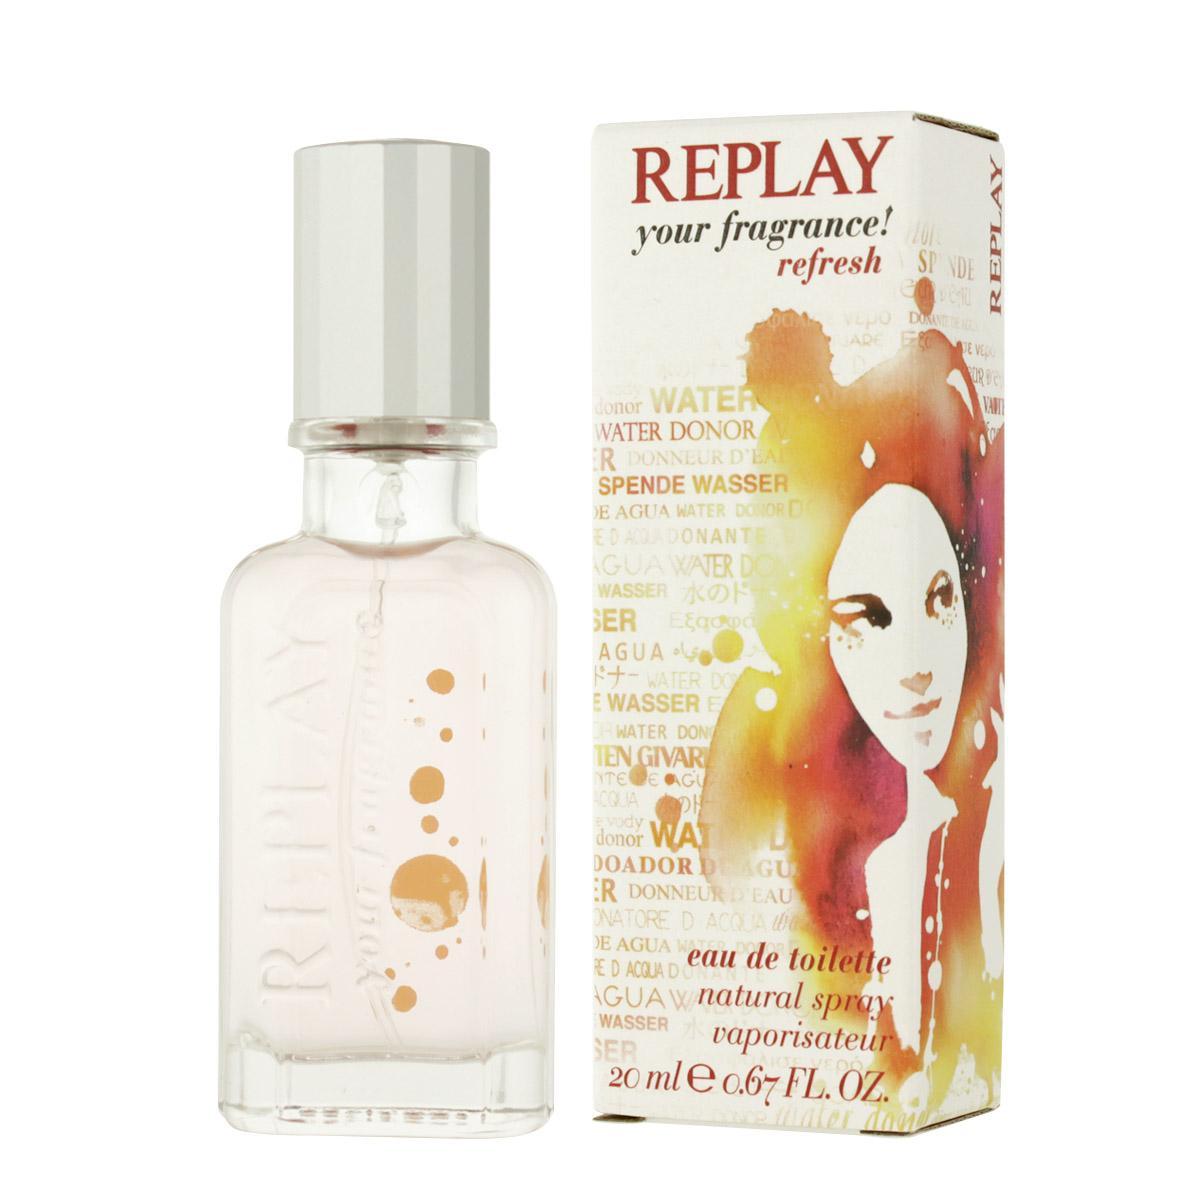 Replay Your Fragrance Refresh Woman, Toaletní voda, 20ml, Dámská vůně, + AKCE: dárek zdarma